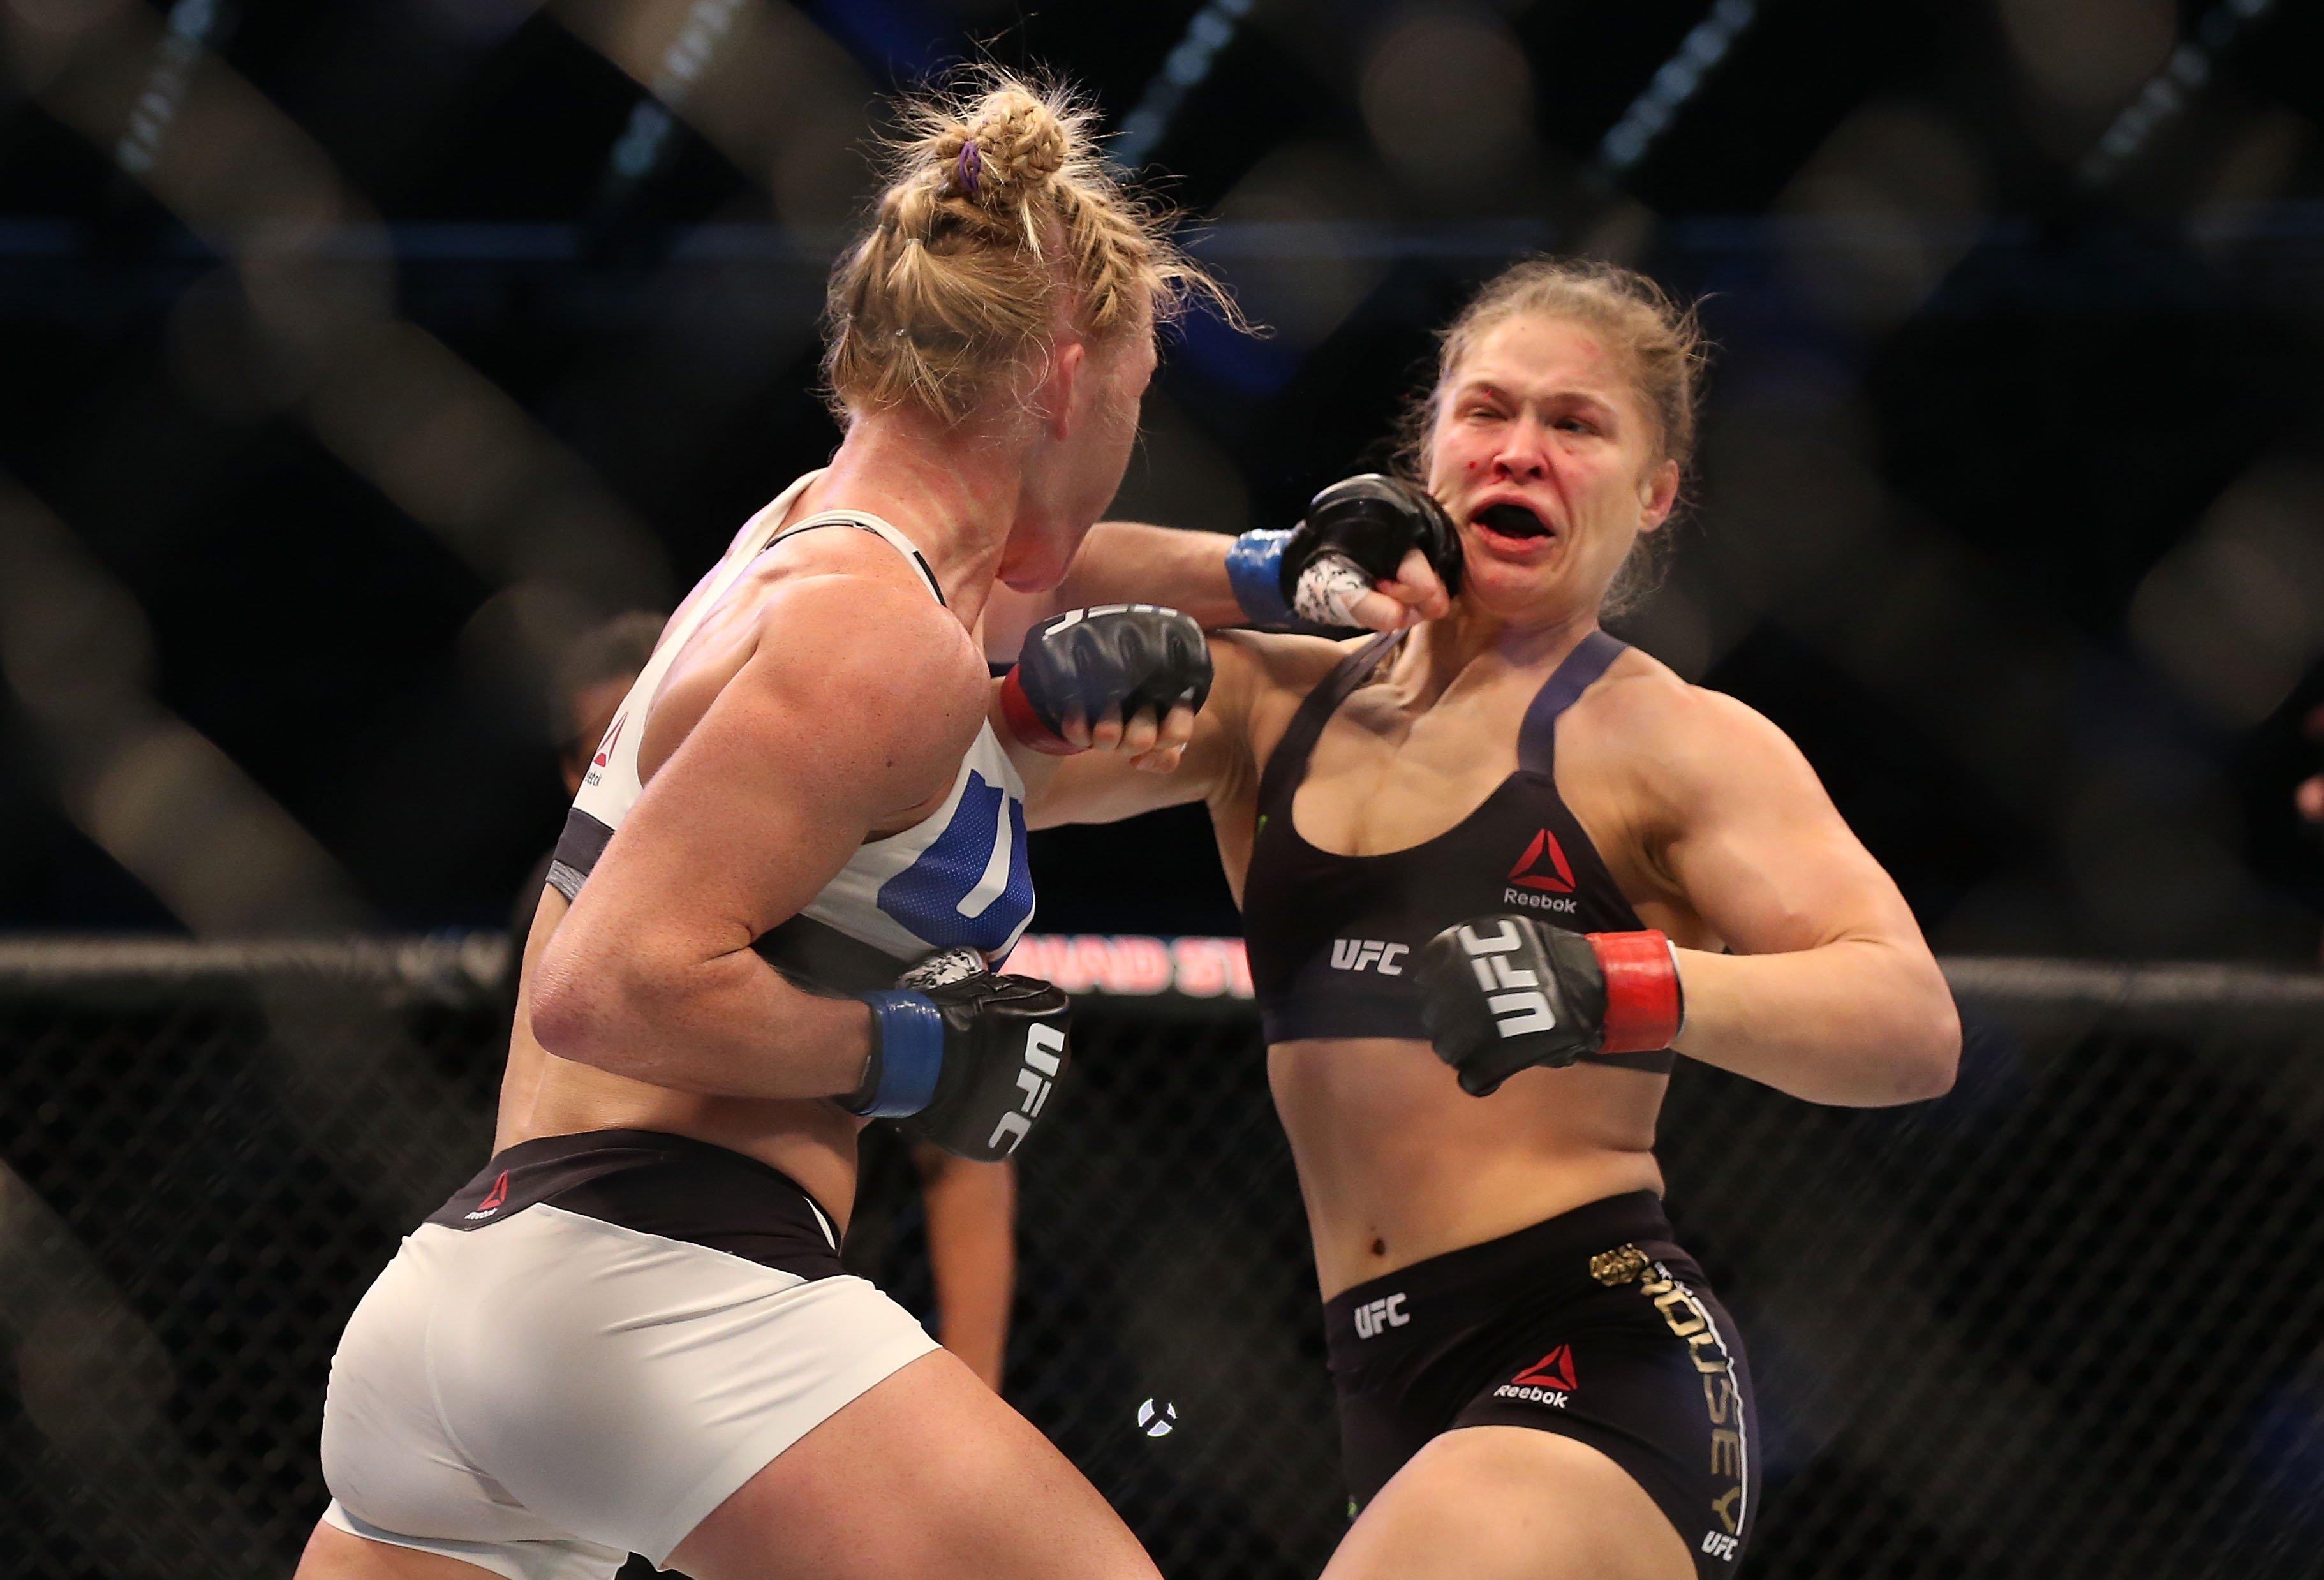 Image: UFC 193: Rousey v Holm